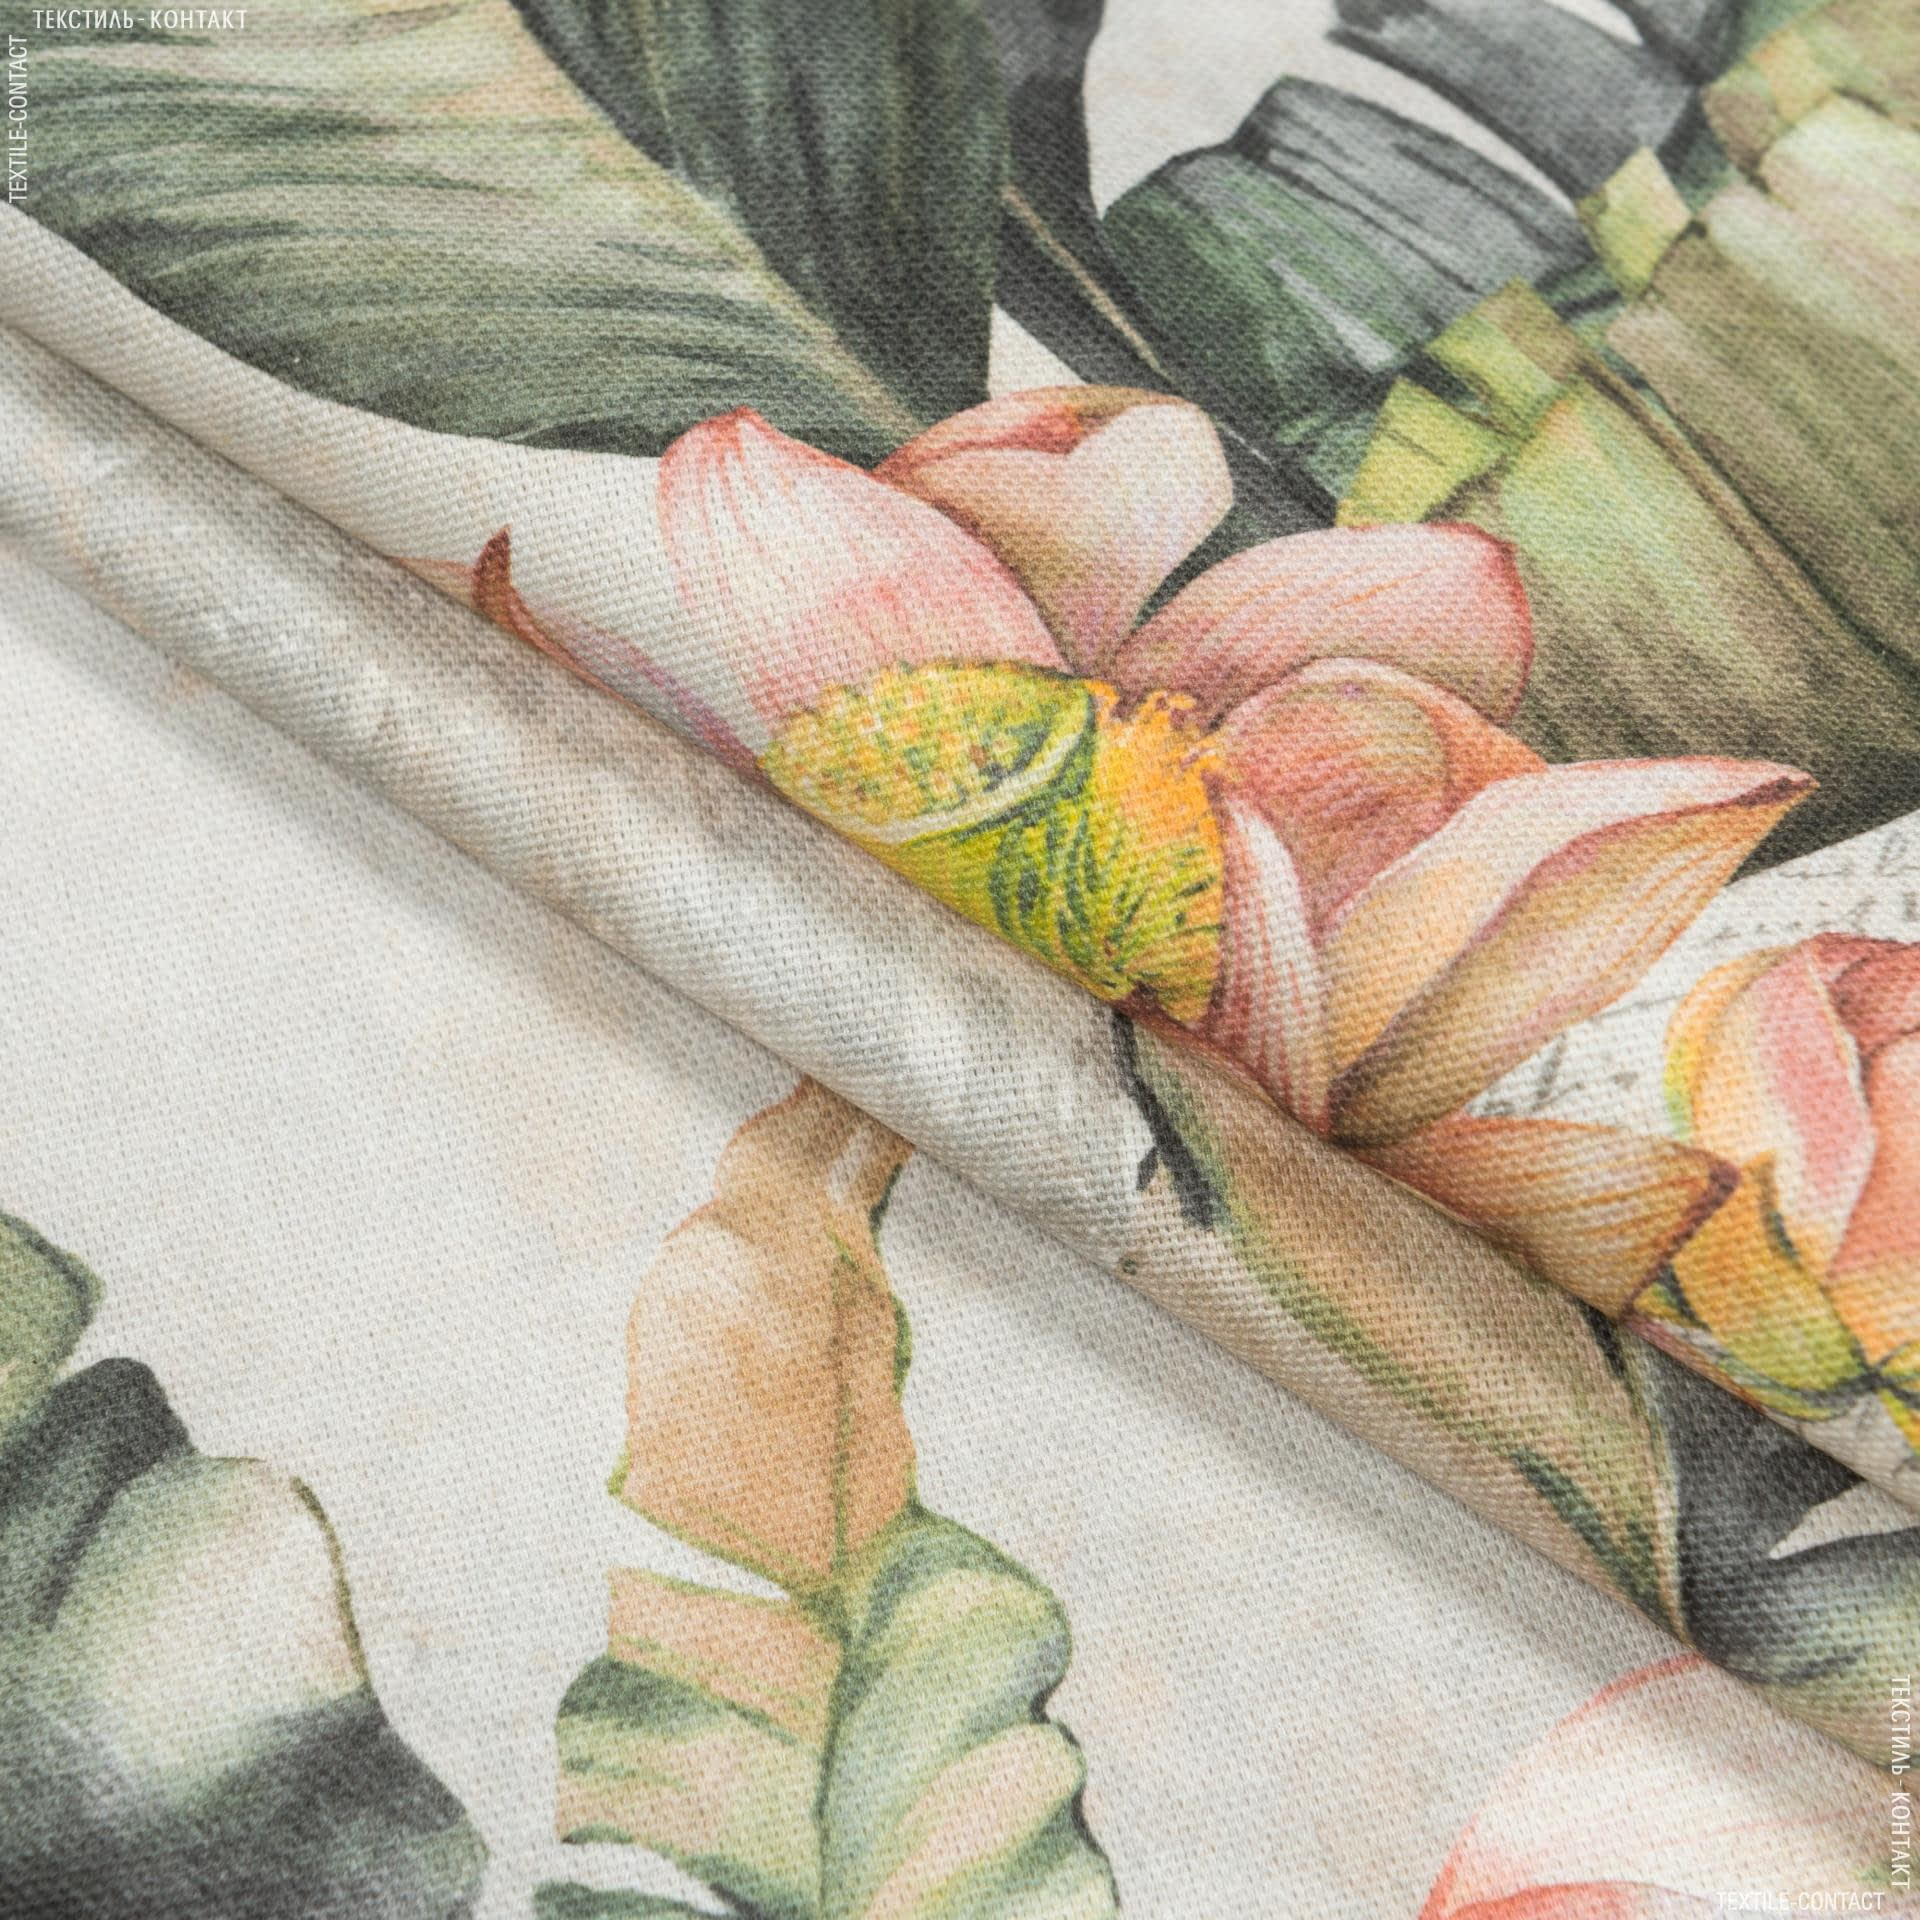 Ткани портьерные ткани - Декоративная ткань  самарканда/samarcanda  водяные лилии